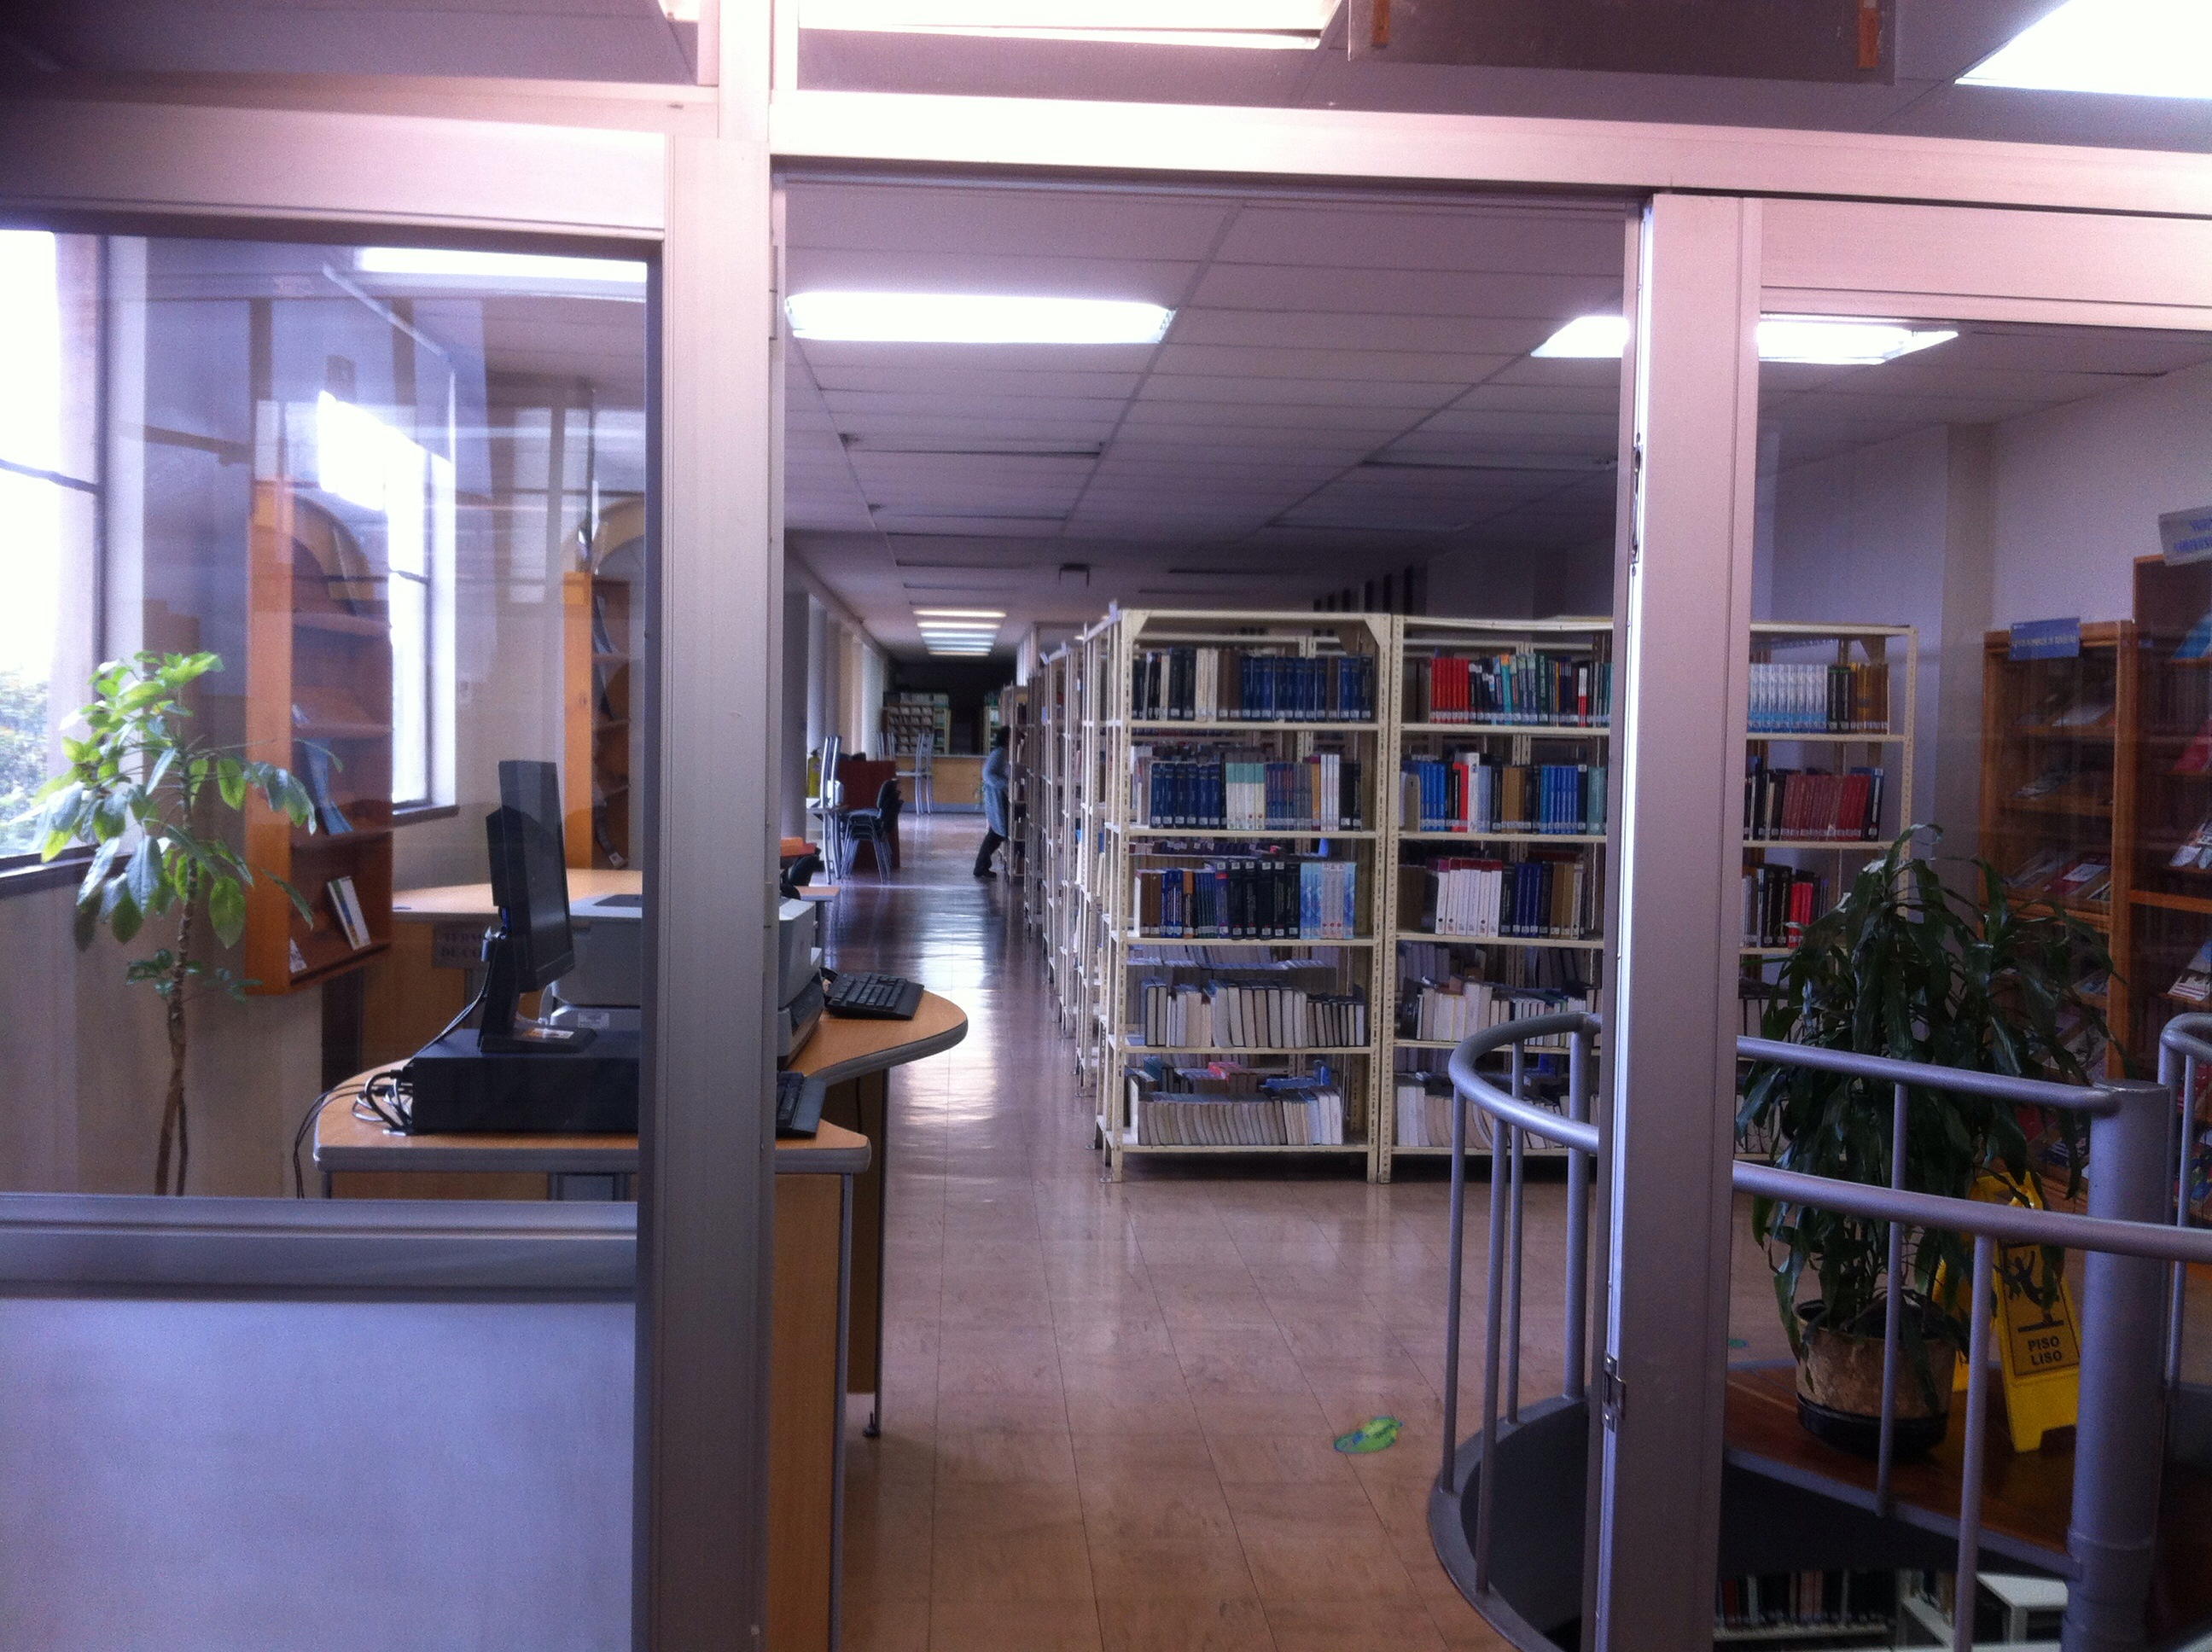 Colecciones de la biblioteca de la Universidad de La Salle, vista desde la sala de literatura